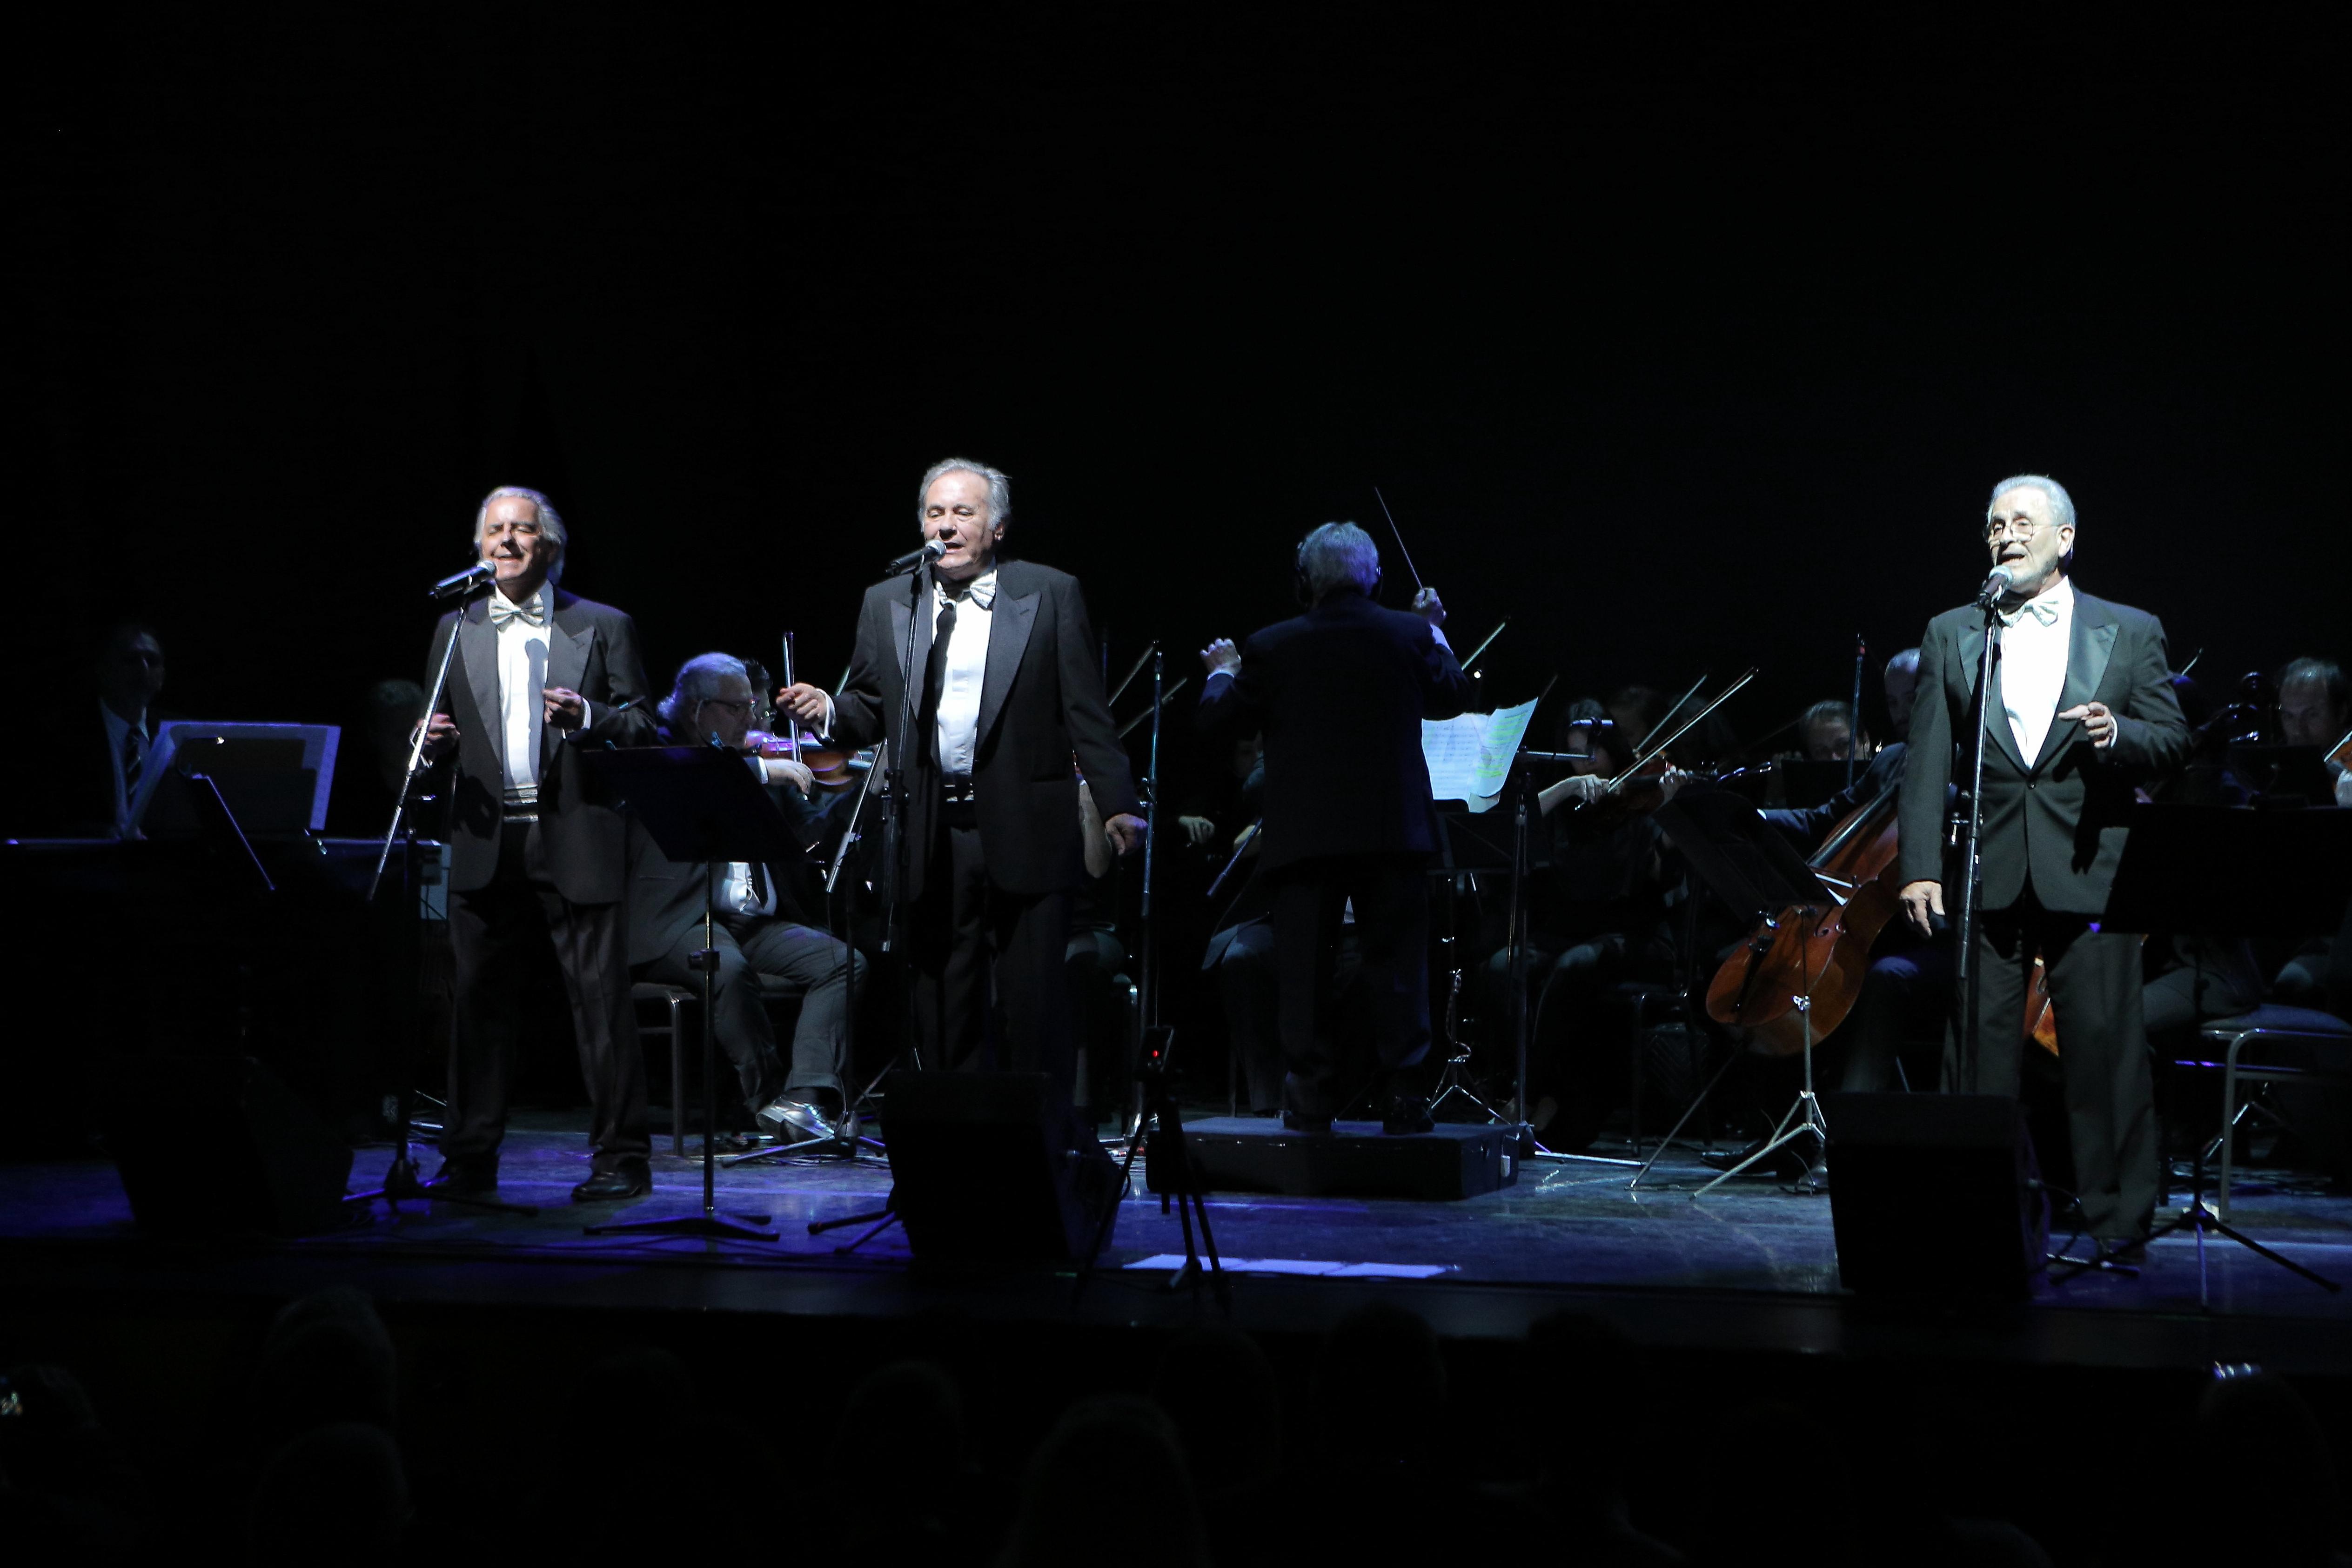 La emblemática banda beat se presentó en un show único, para festejar sus 50 años de trayectoria y colaborar con ALPI